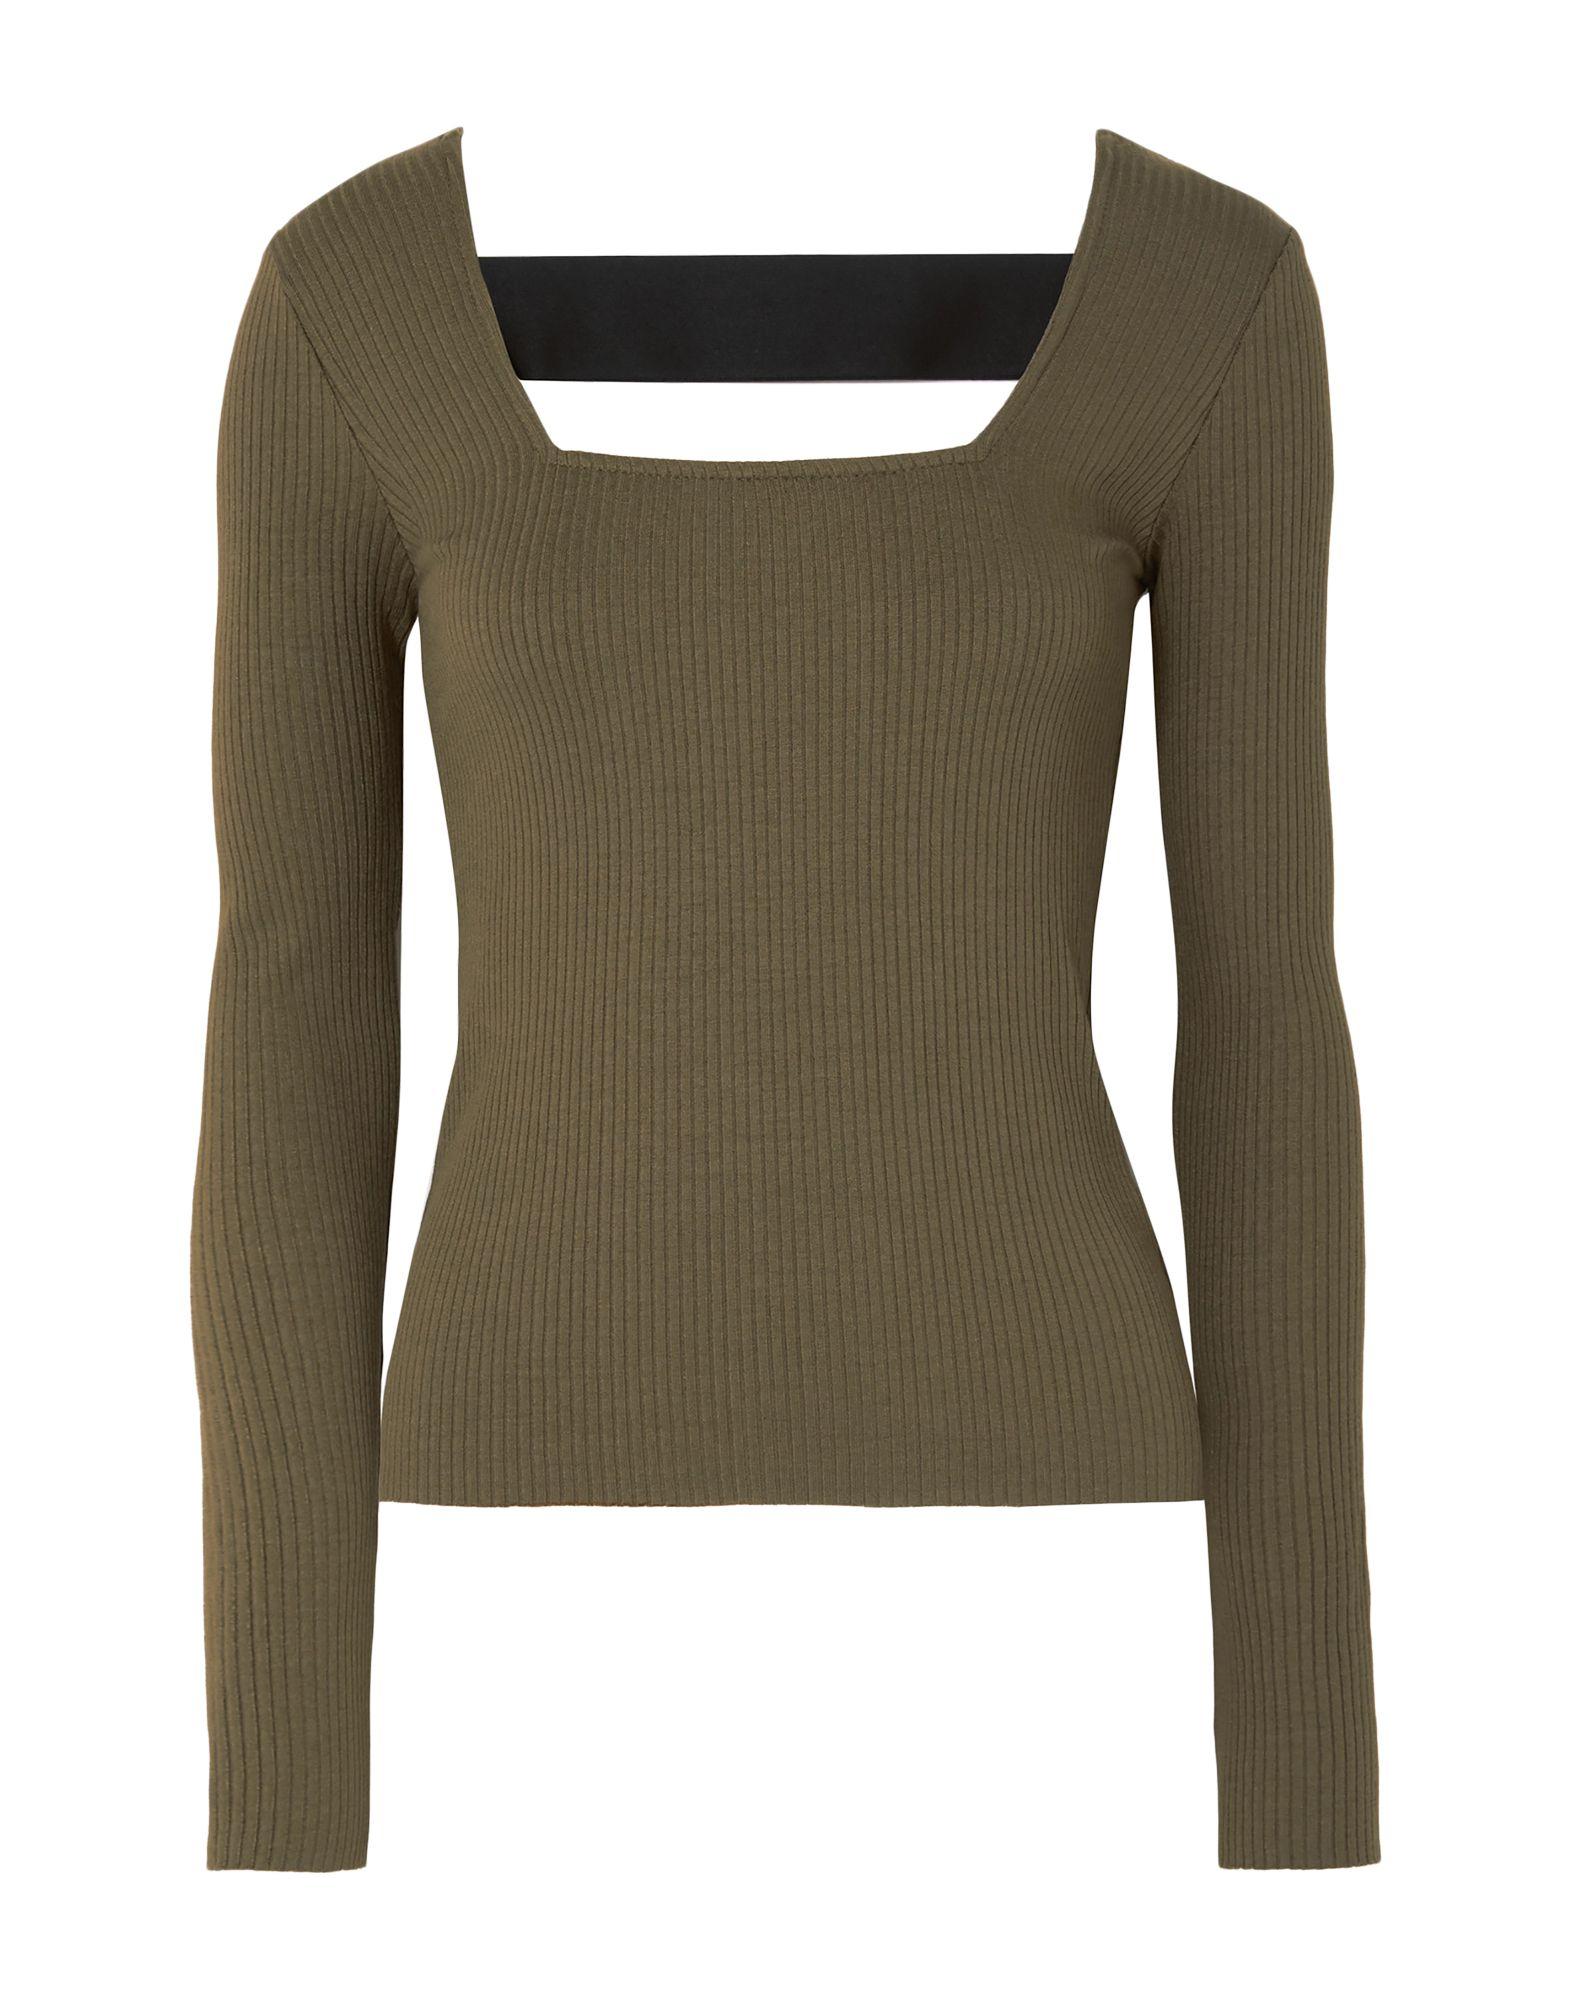 THE RANGE Sweaters - Item 14087687